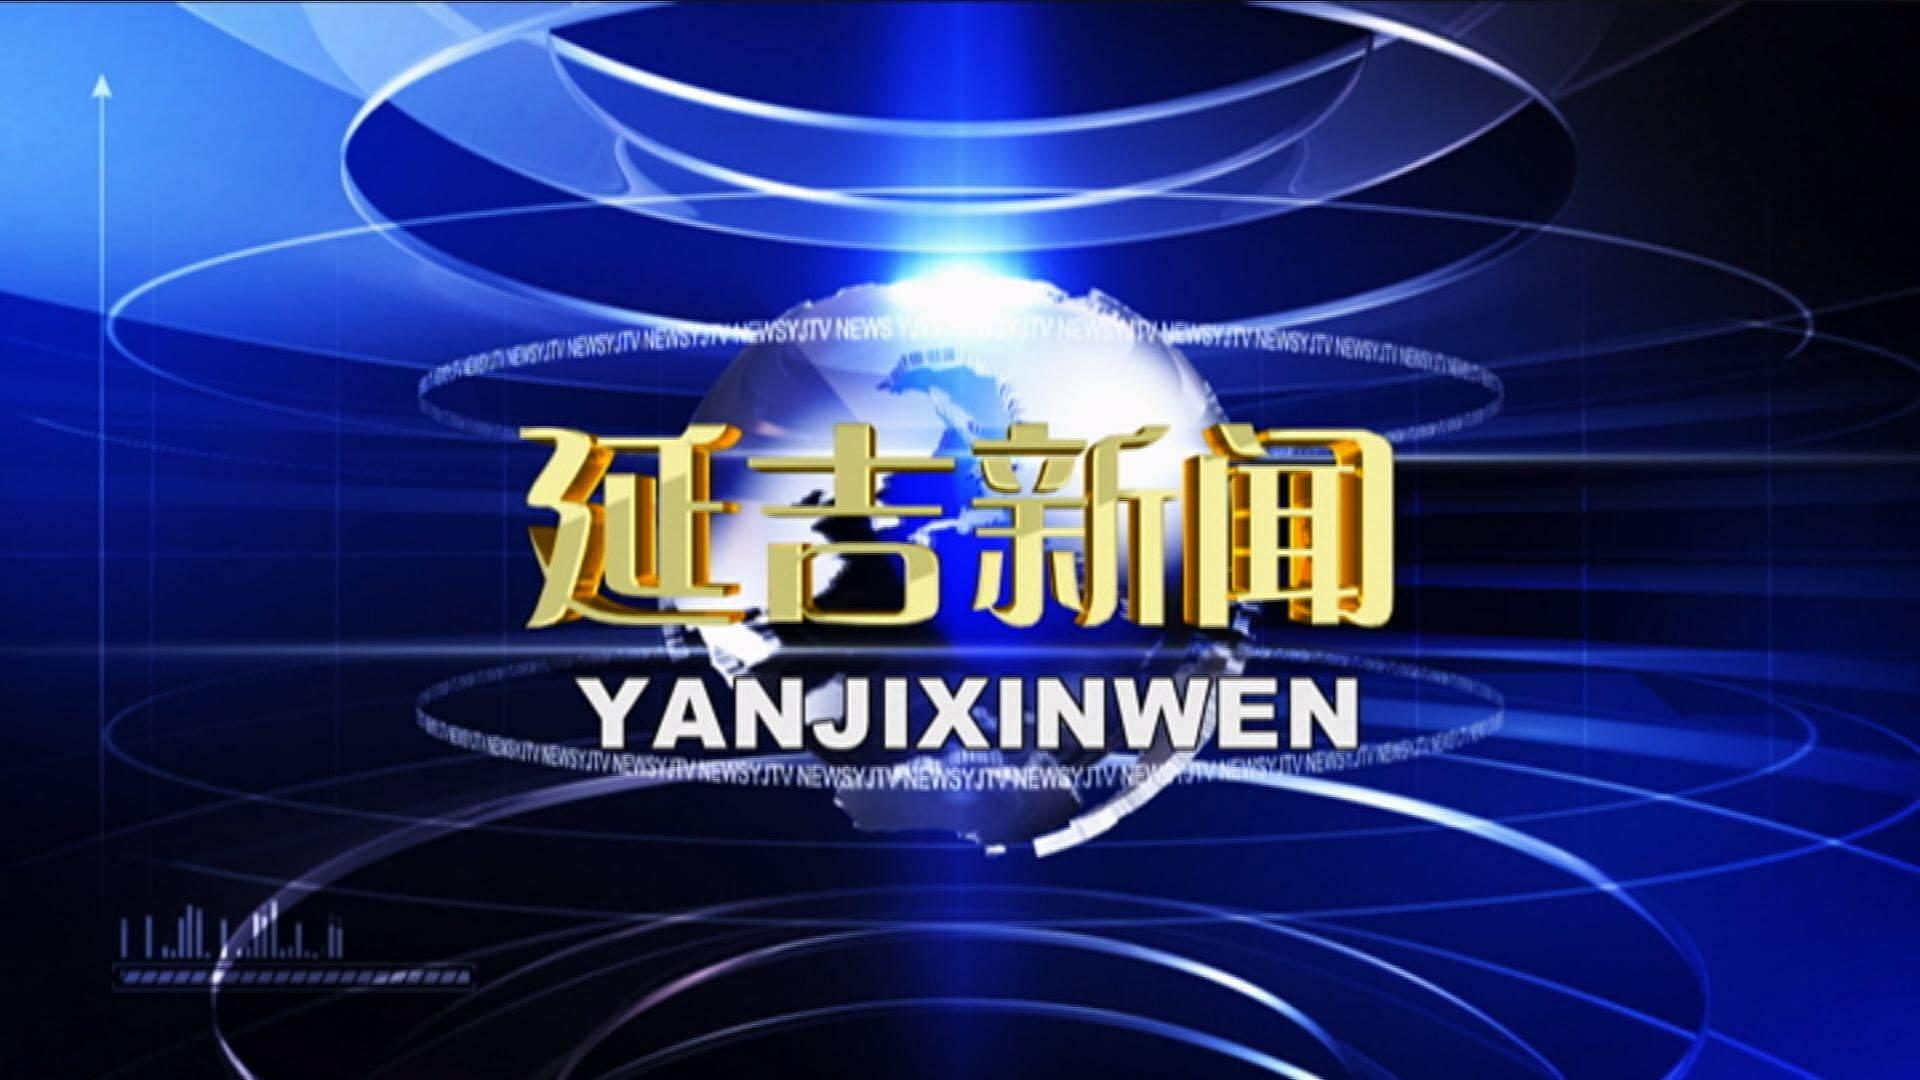 2020. 11. 17 延吉新闻